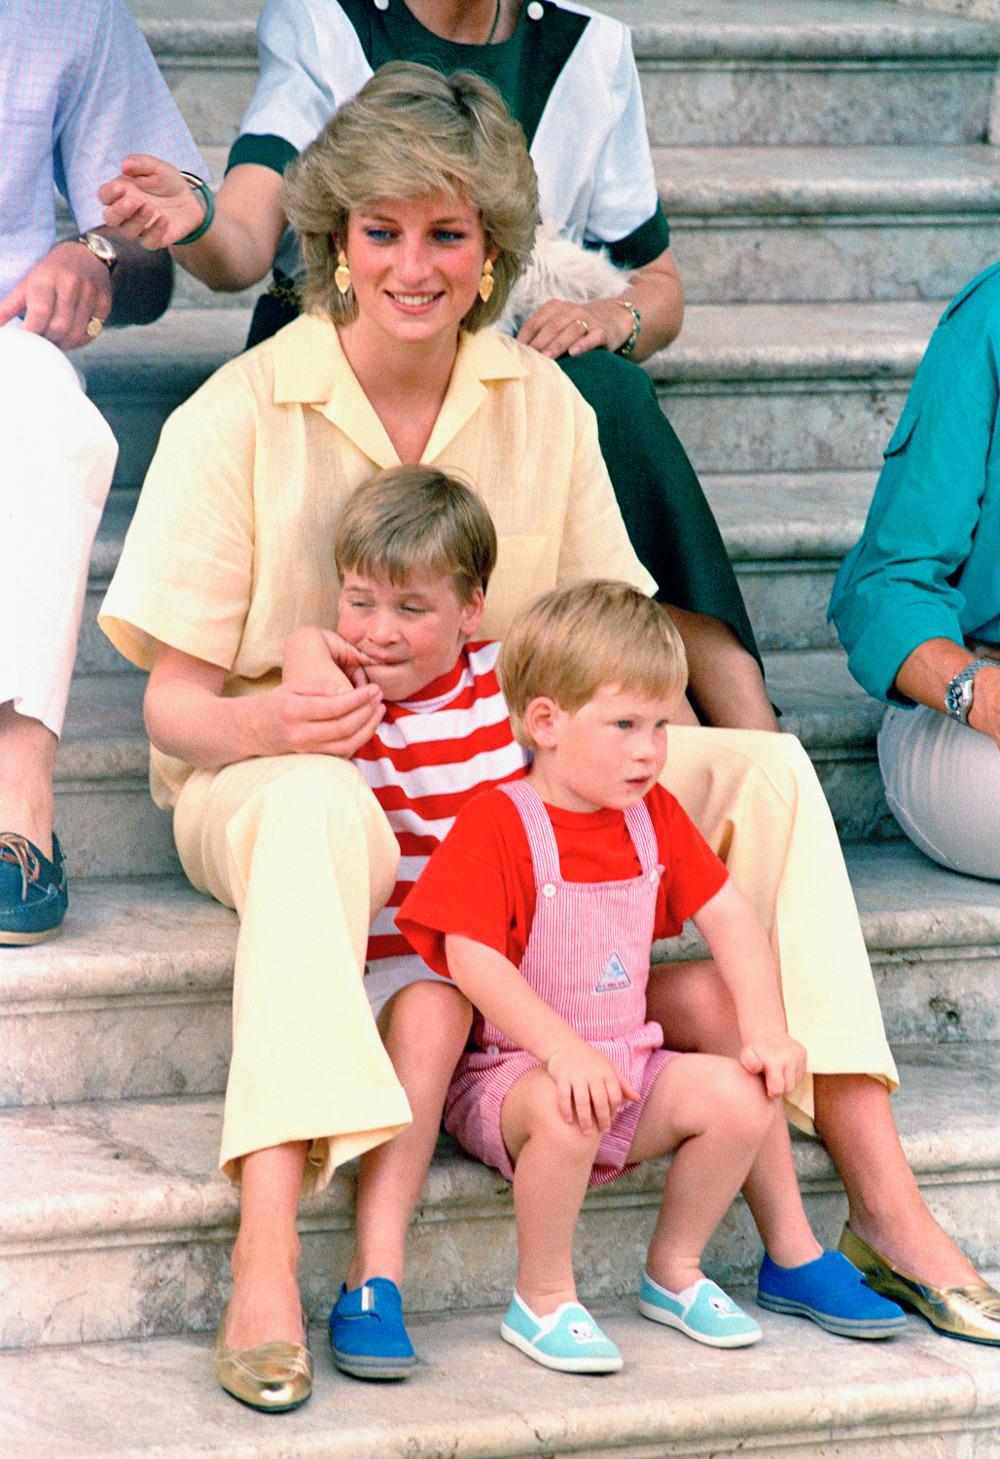 Η πριγκίπισσα Νταϊάνα με τους γιους της πρίγκιπα Γουίλιαμ και πρίγκιπα Χάρι